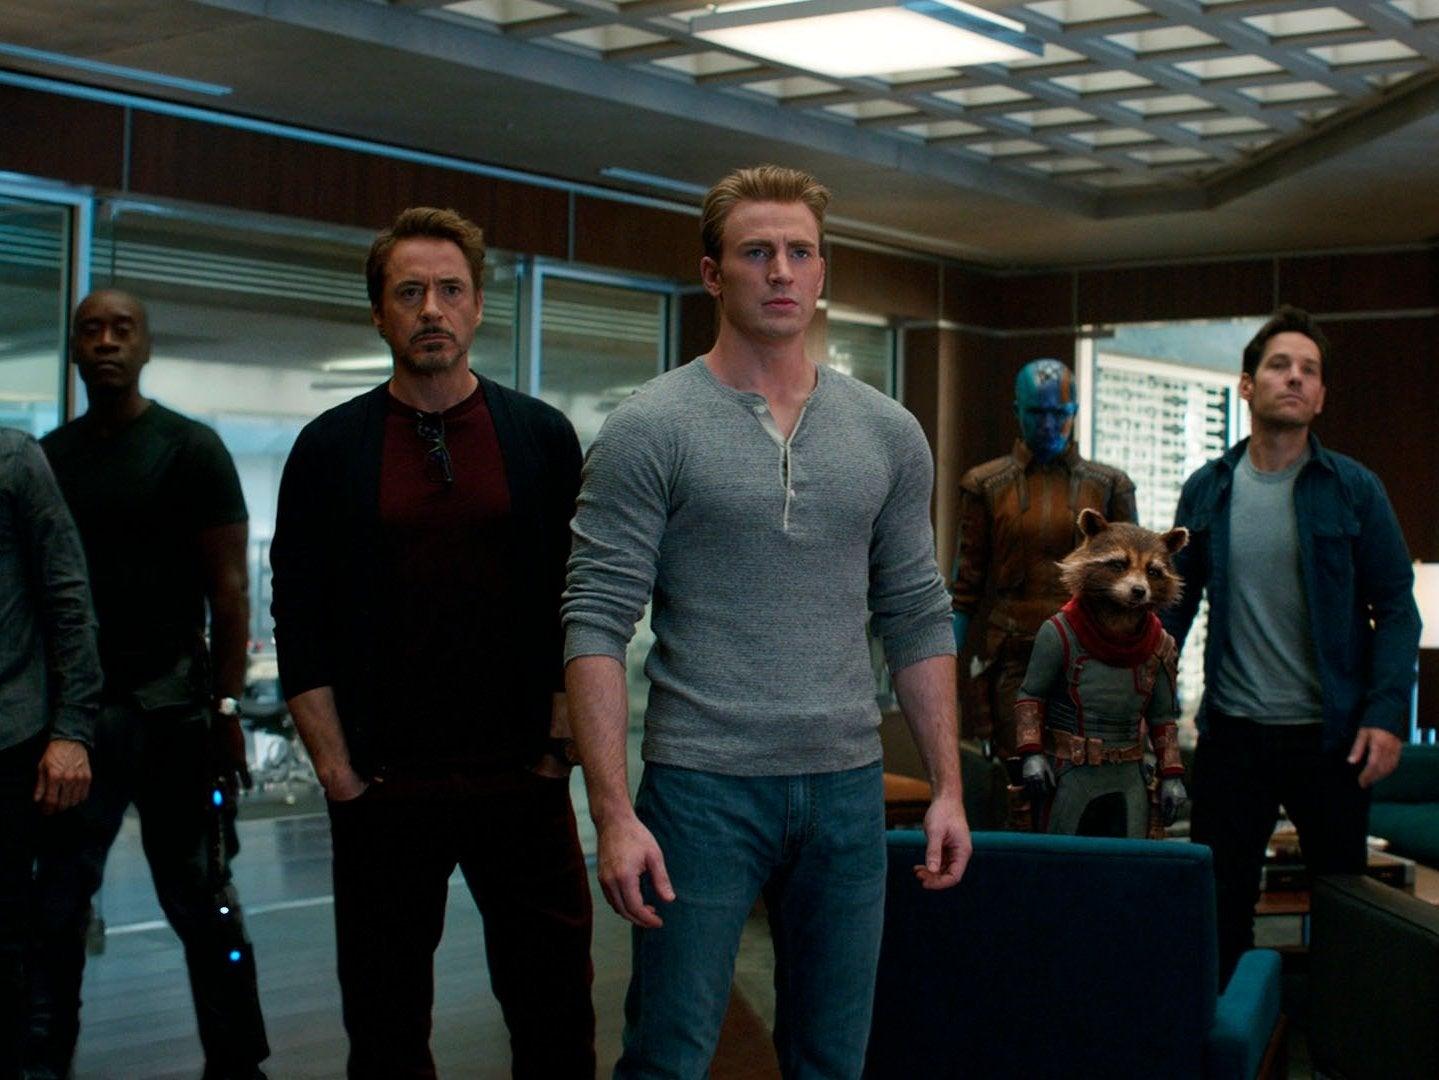 Avengers: Endgame salaries revealed for stars including